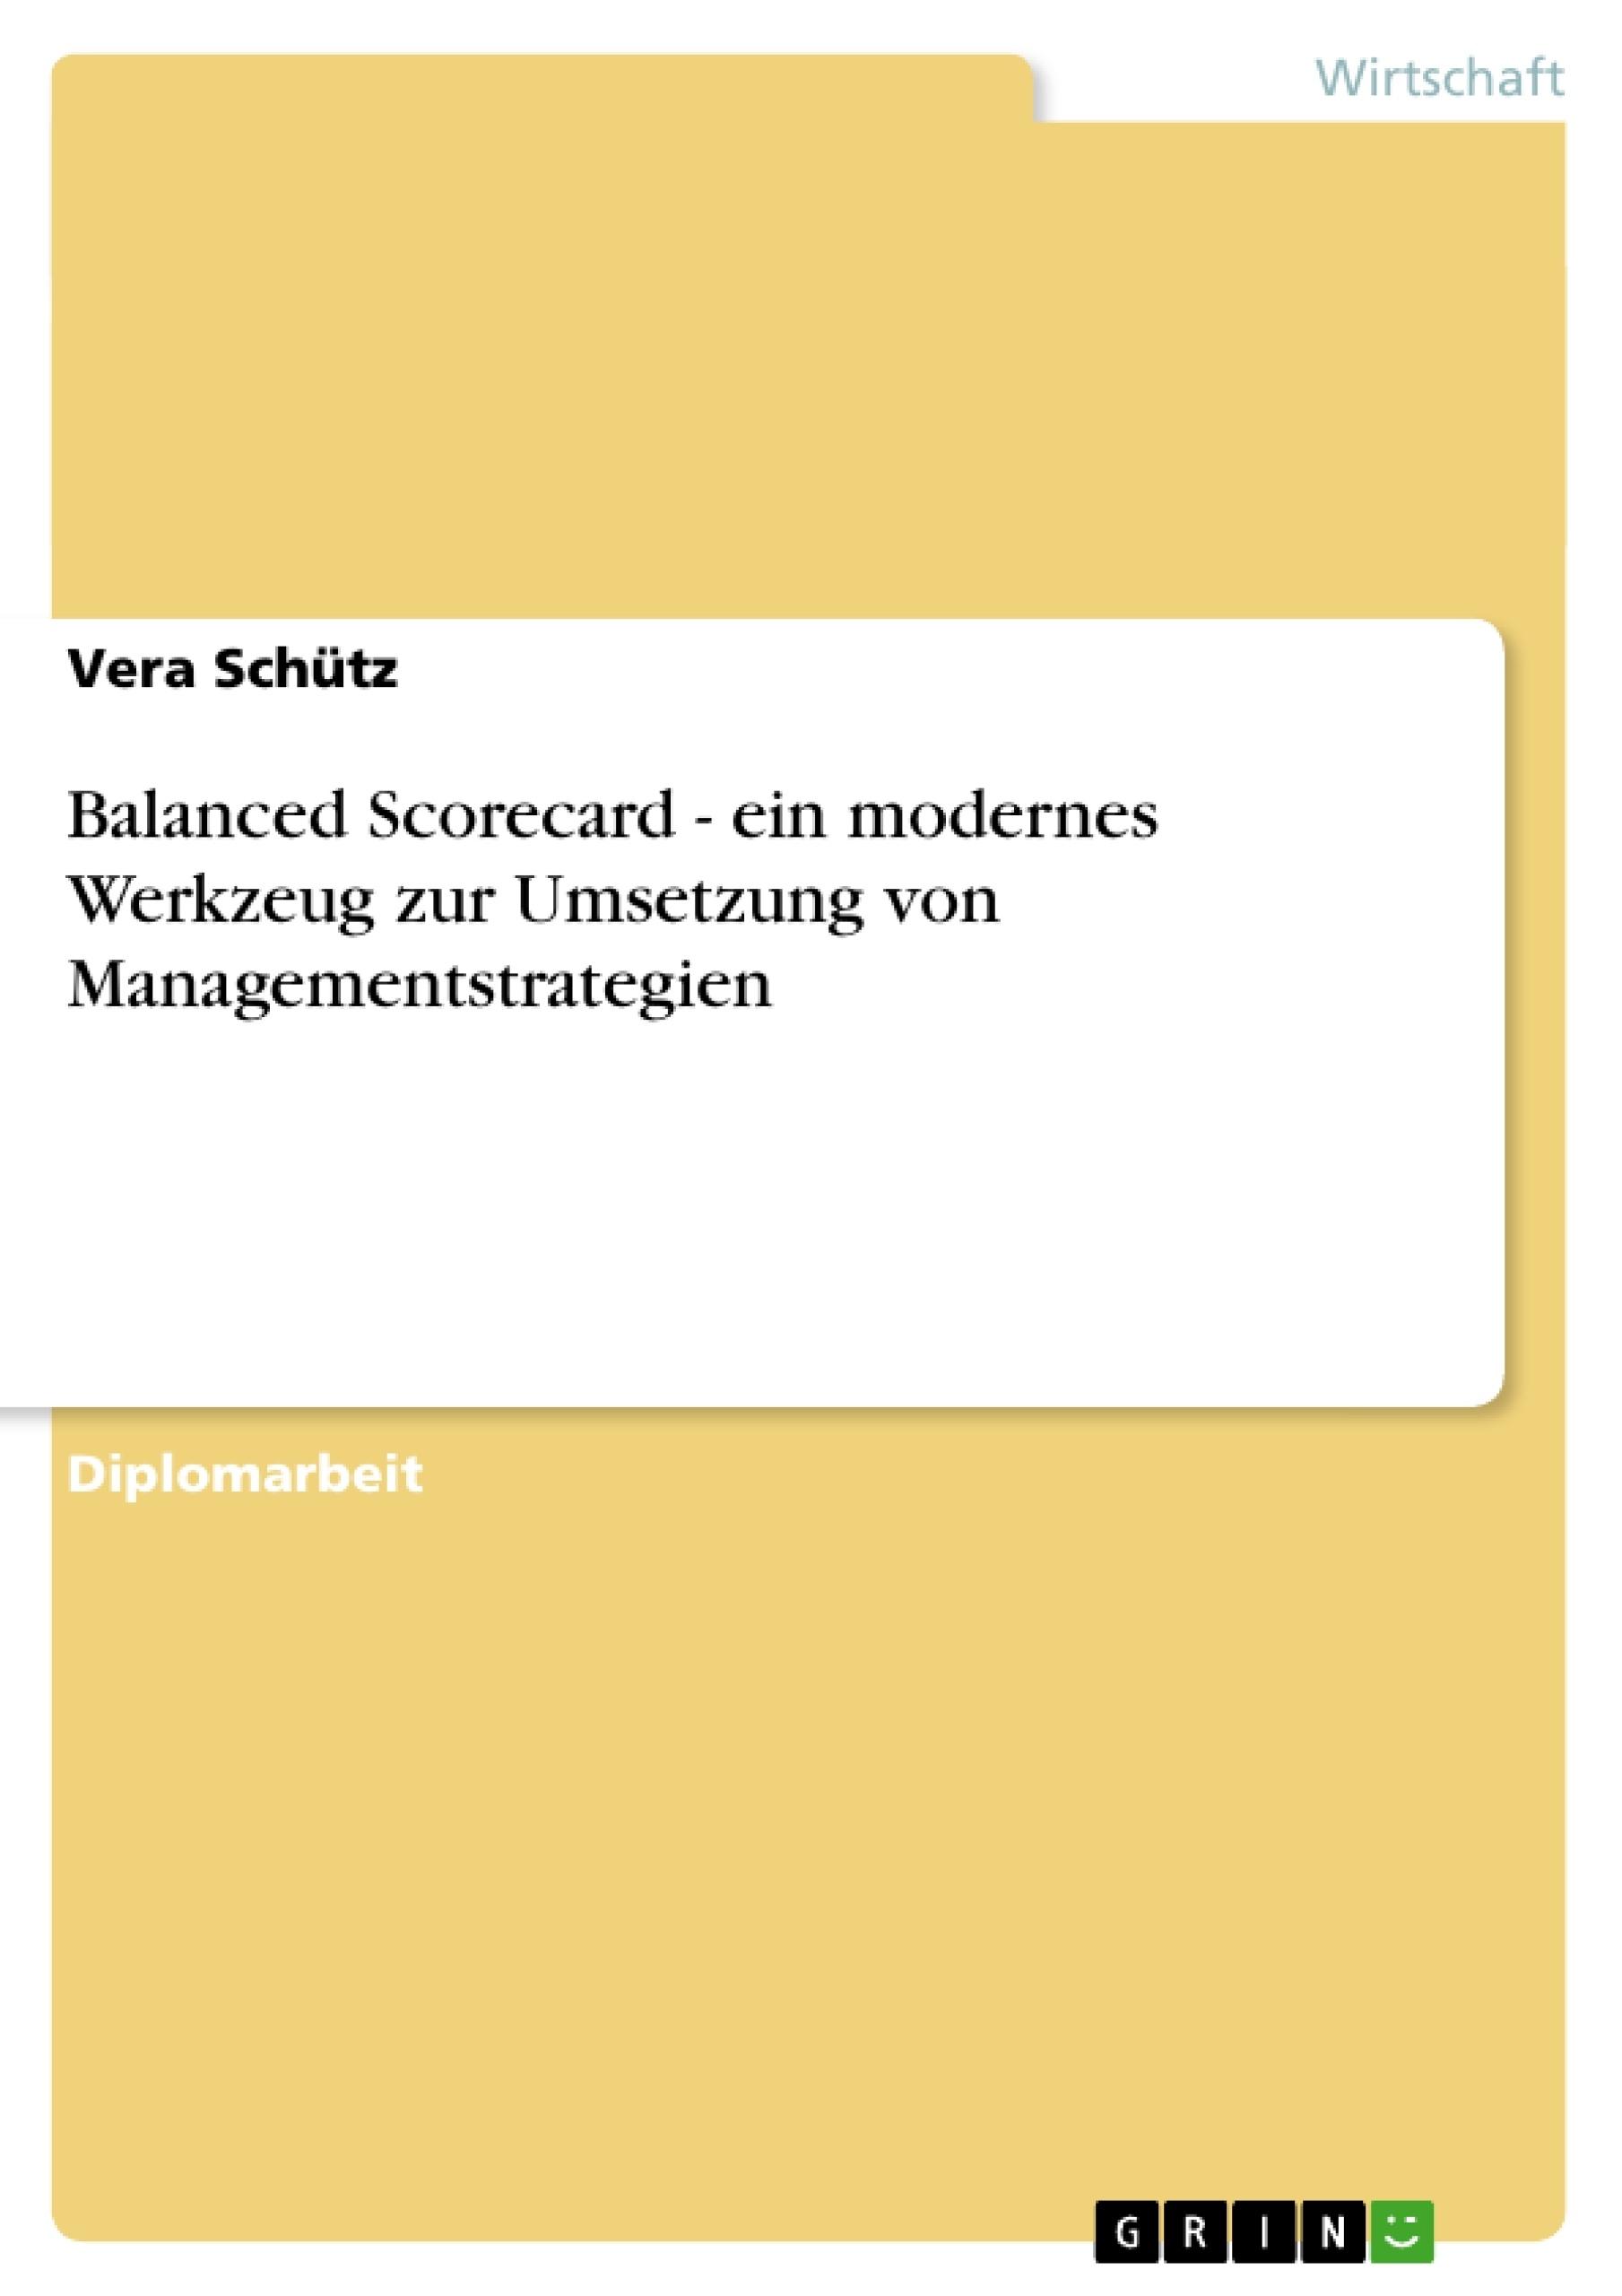 Titel: Balanced Scorecard - ein modernes Werkzeug zur Umsetzung von Managementstrategien